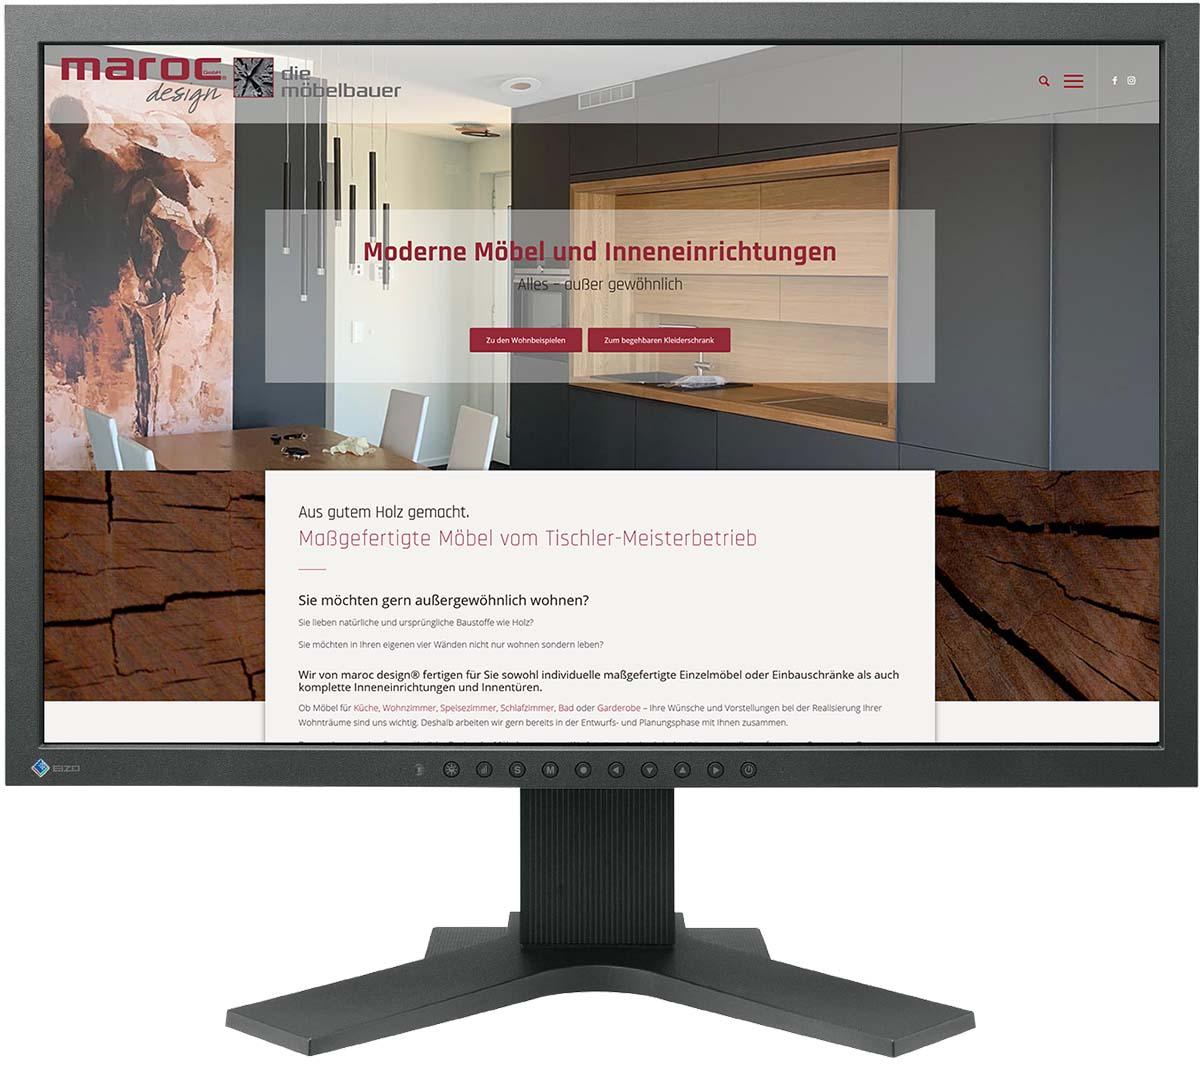 Website für marocdesign GmbH Inneneinrichtungen